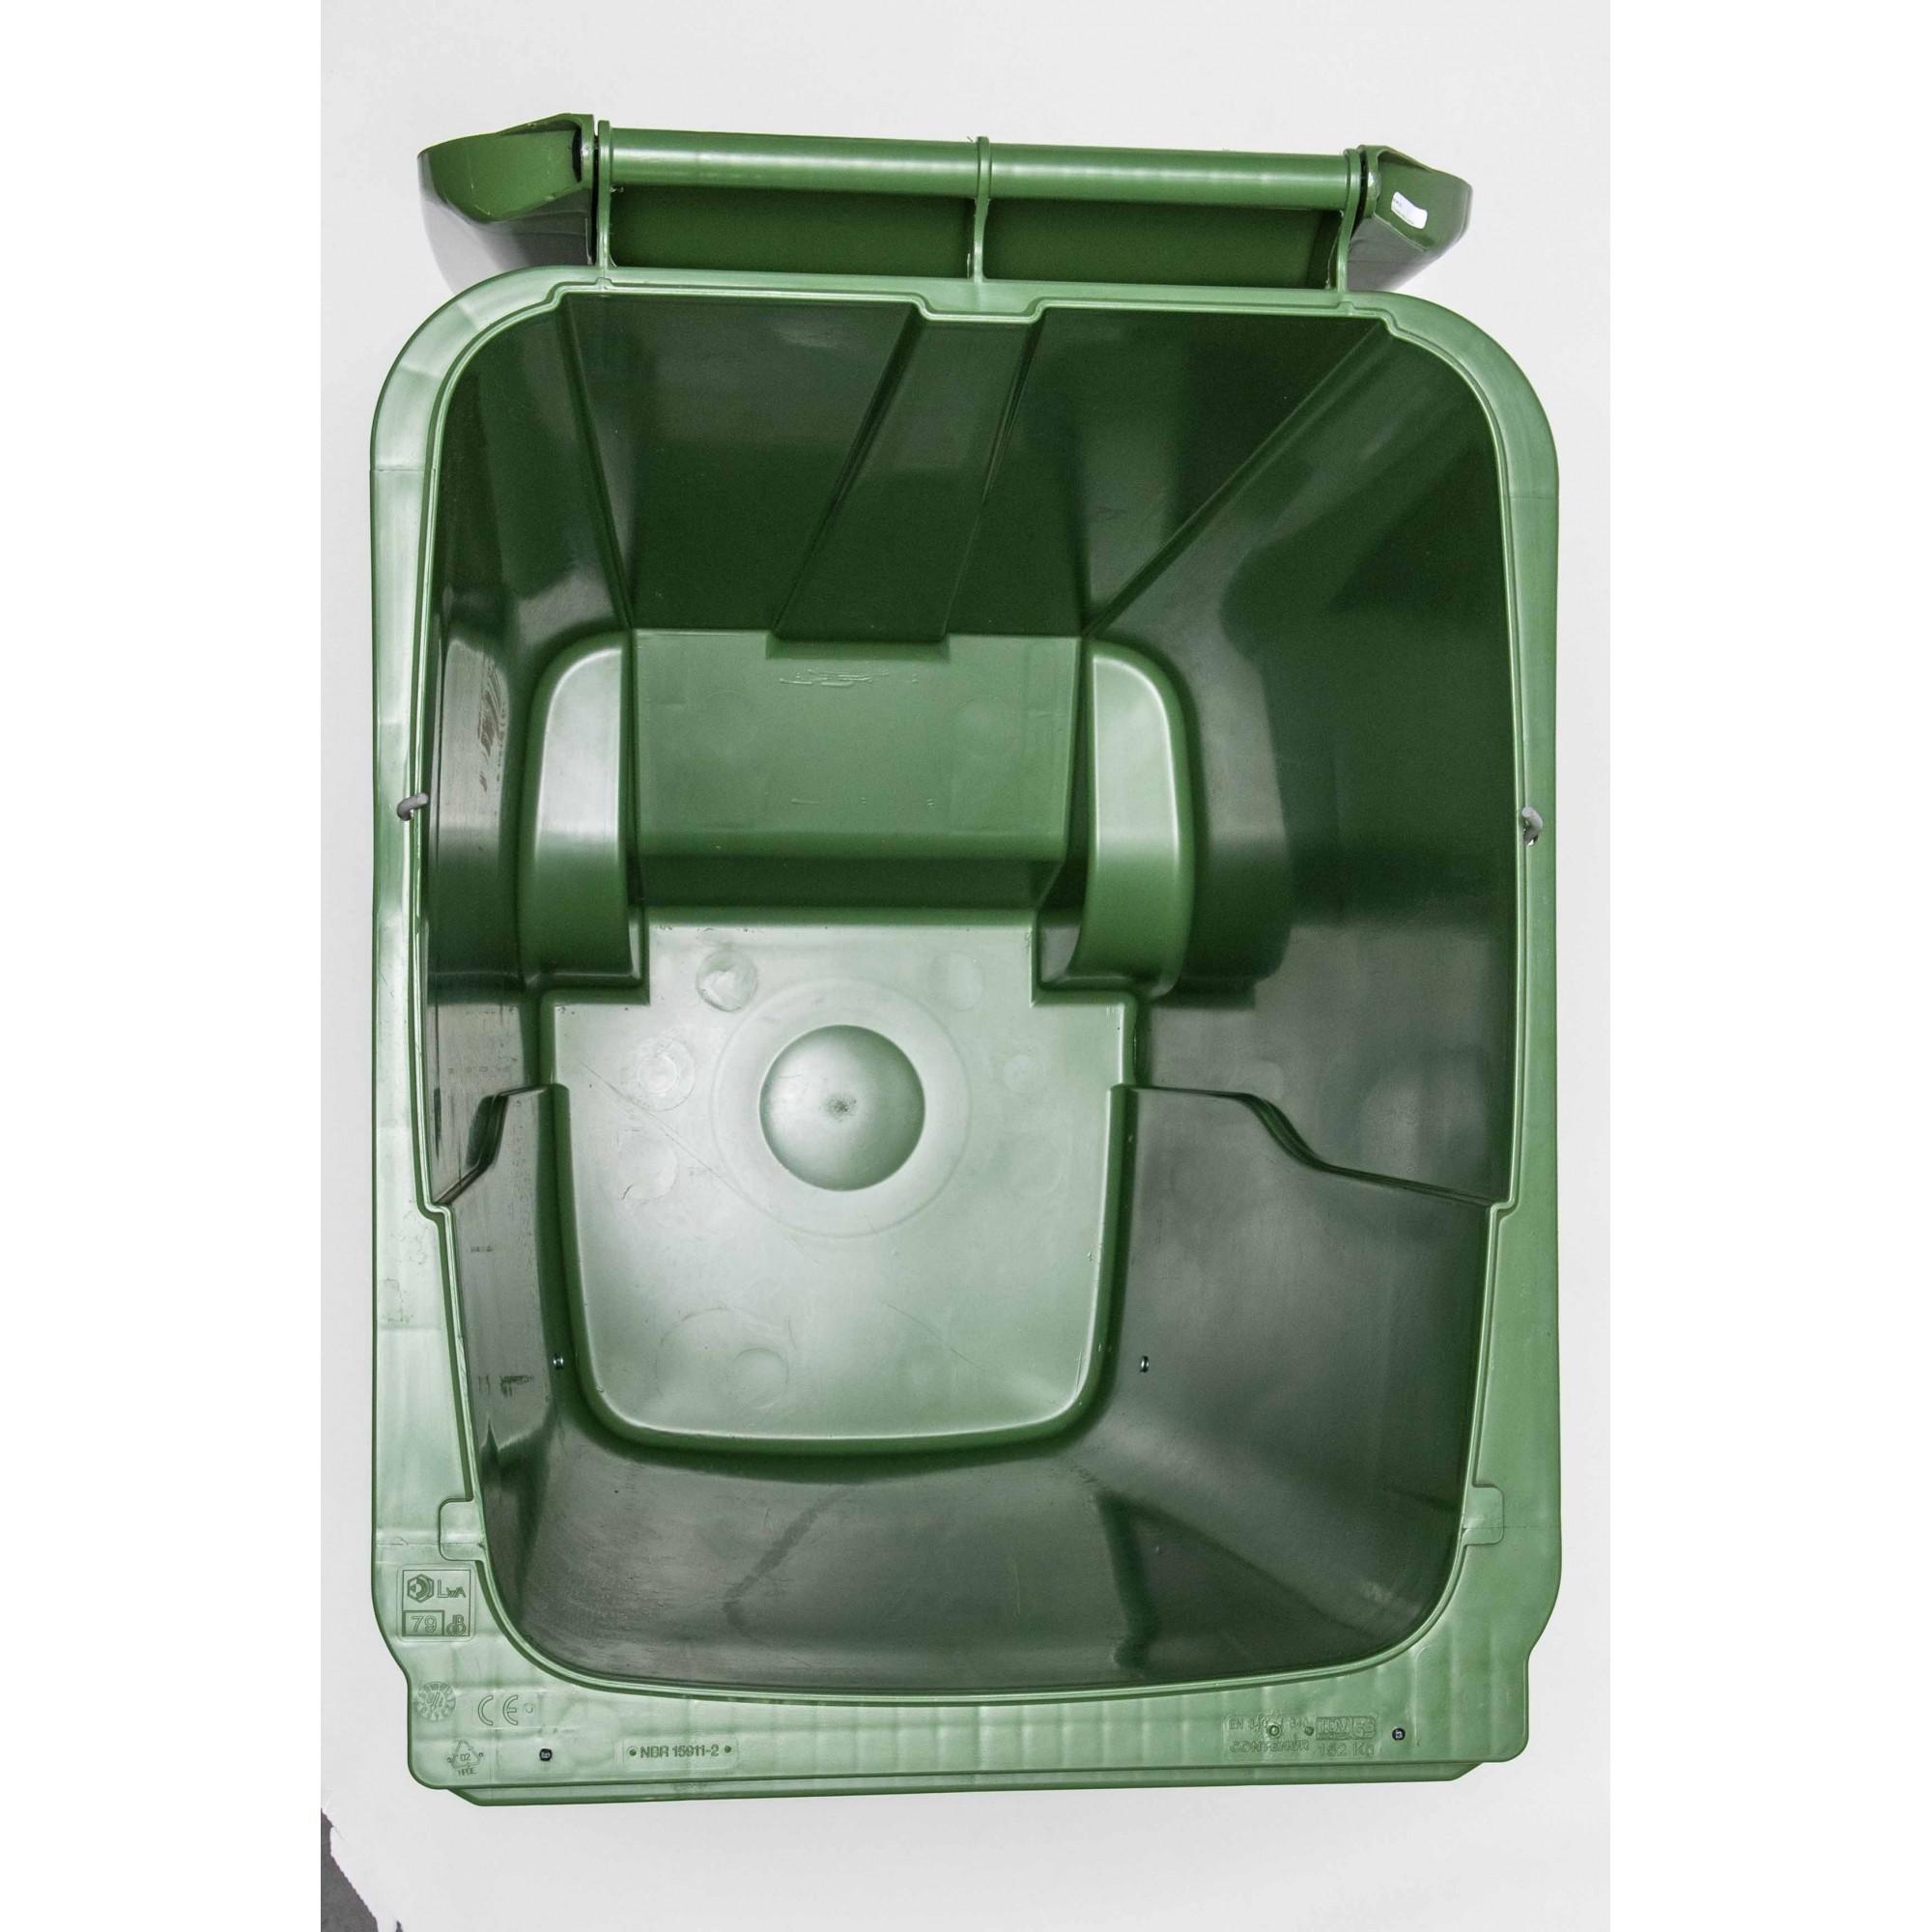 Contentor de Lixo 360 Litros com Pedal